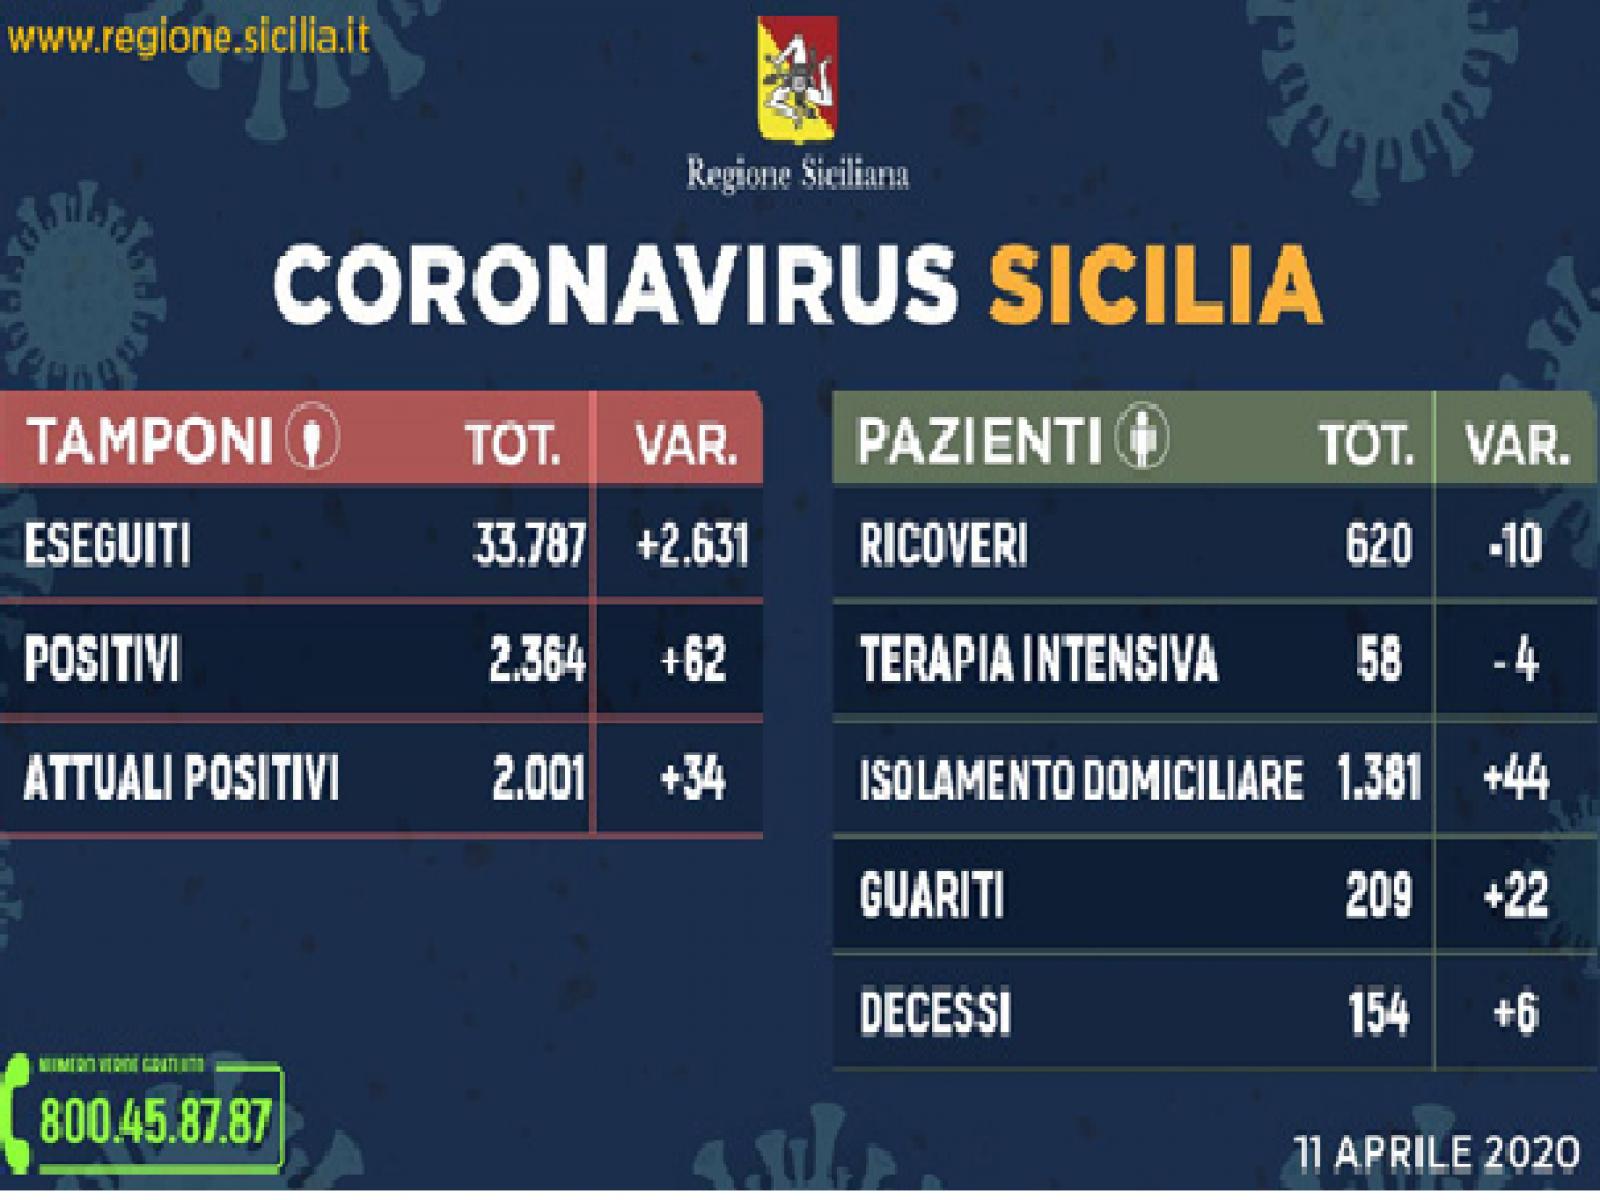 Immagine articolo: Bollettino Coronavirus in Sicilia. Ecco la situazione ad oggi 11 Aprile